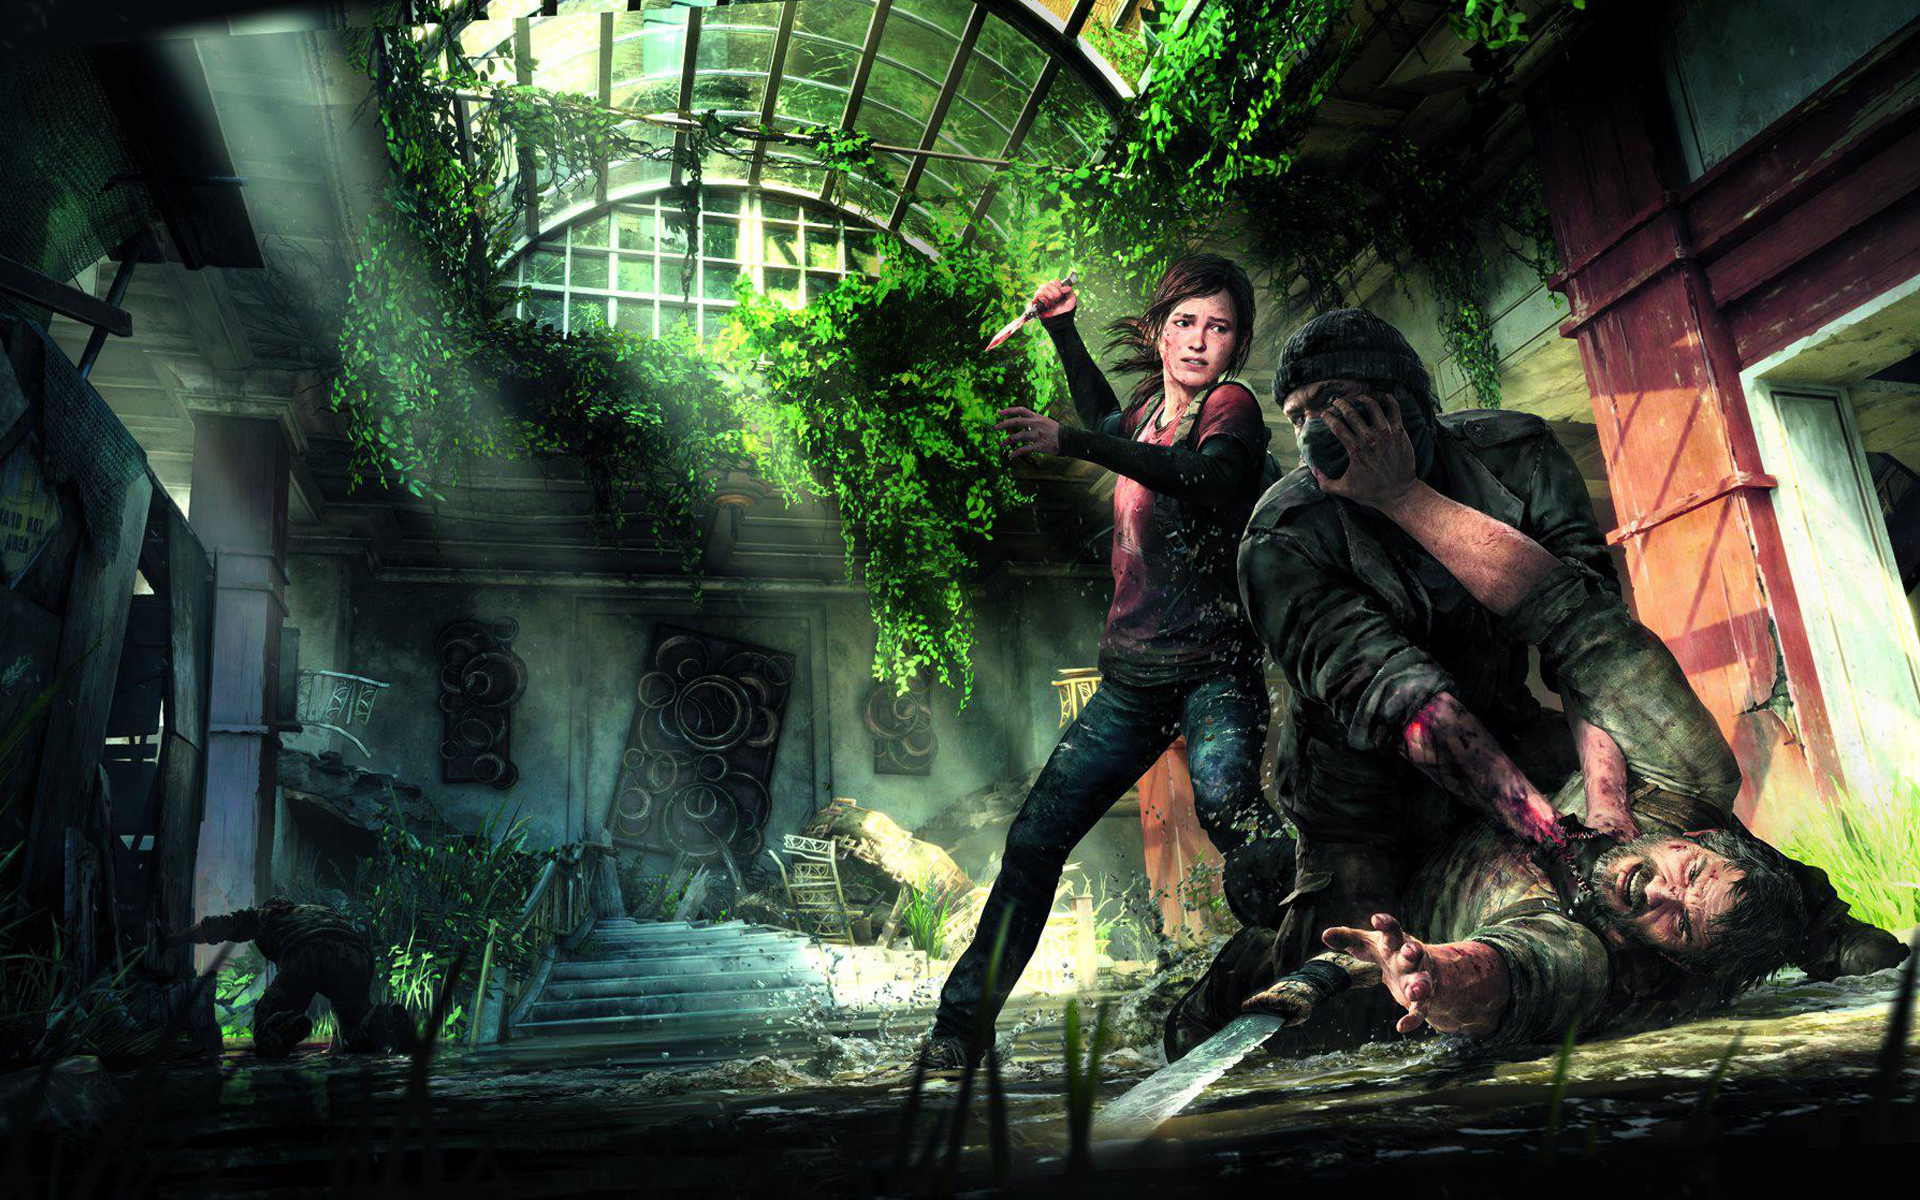 Description The Last of Us Wallpaper Desktop is a hi res Wallpaper 1920x1200